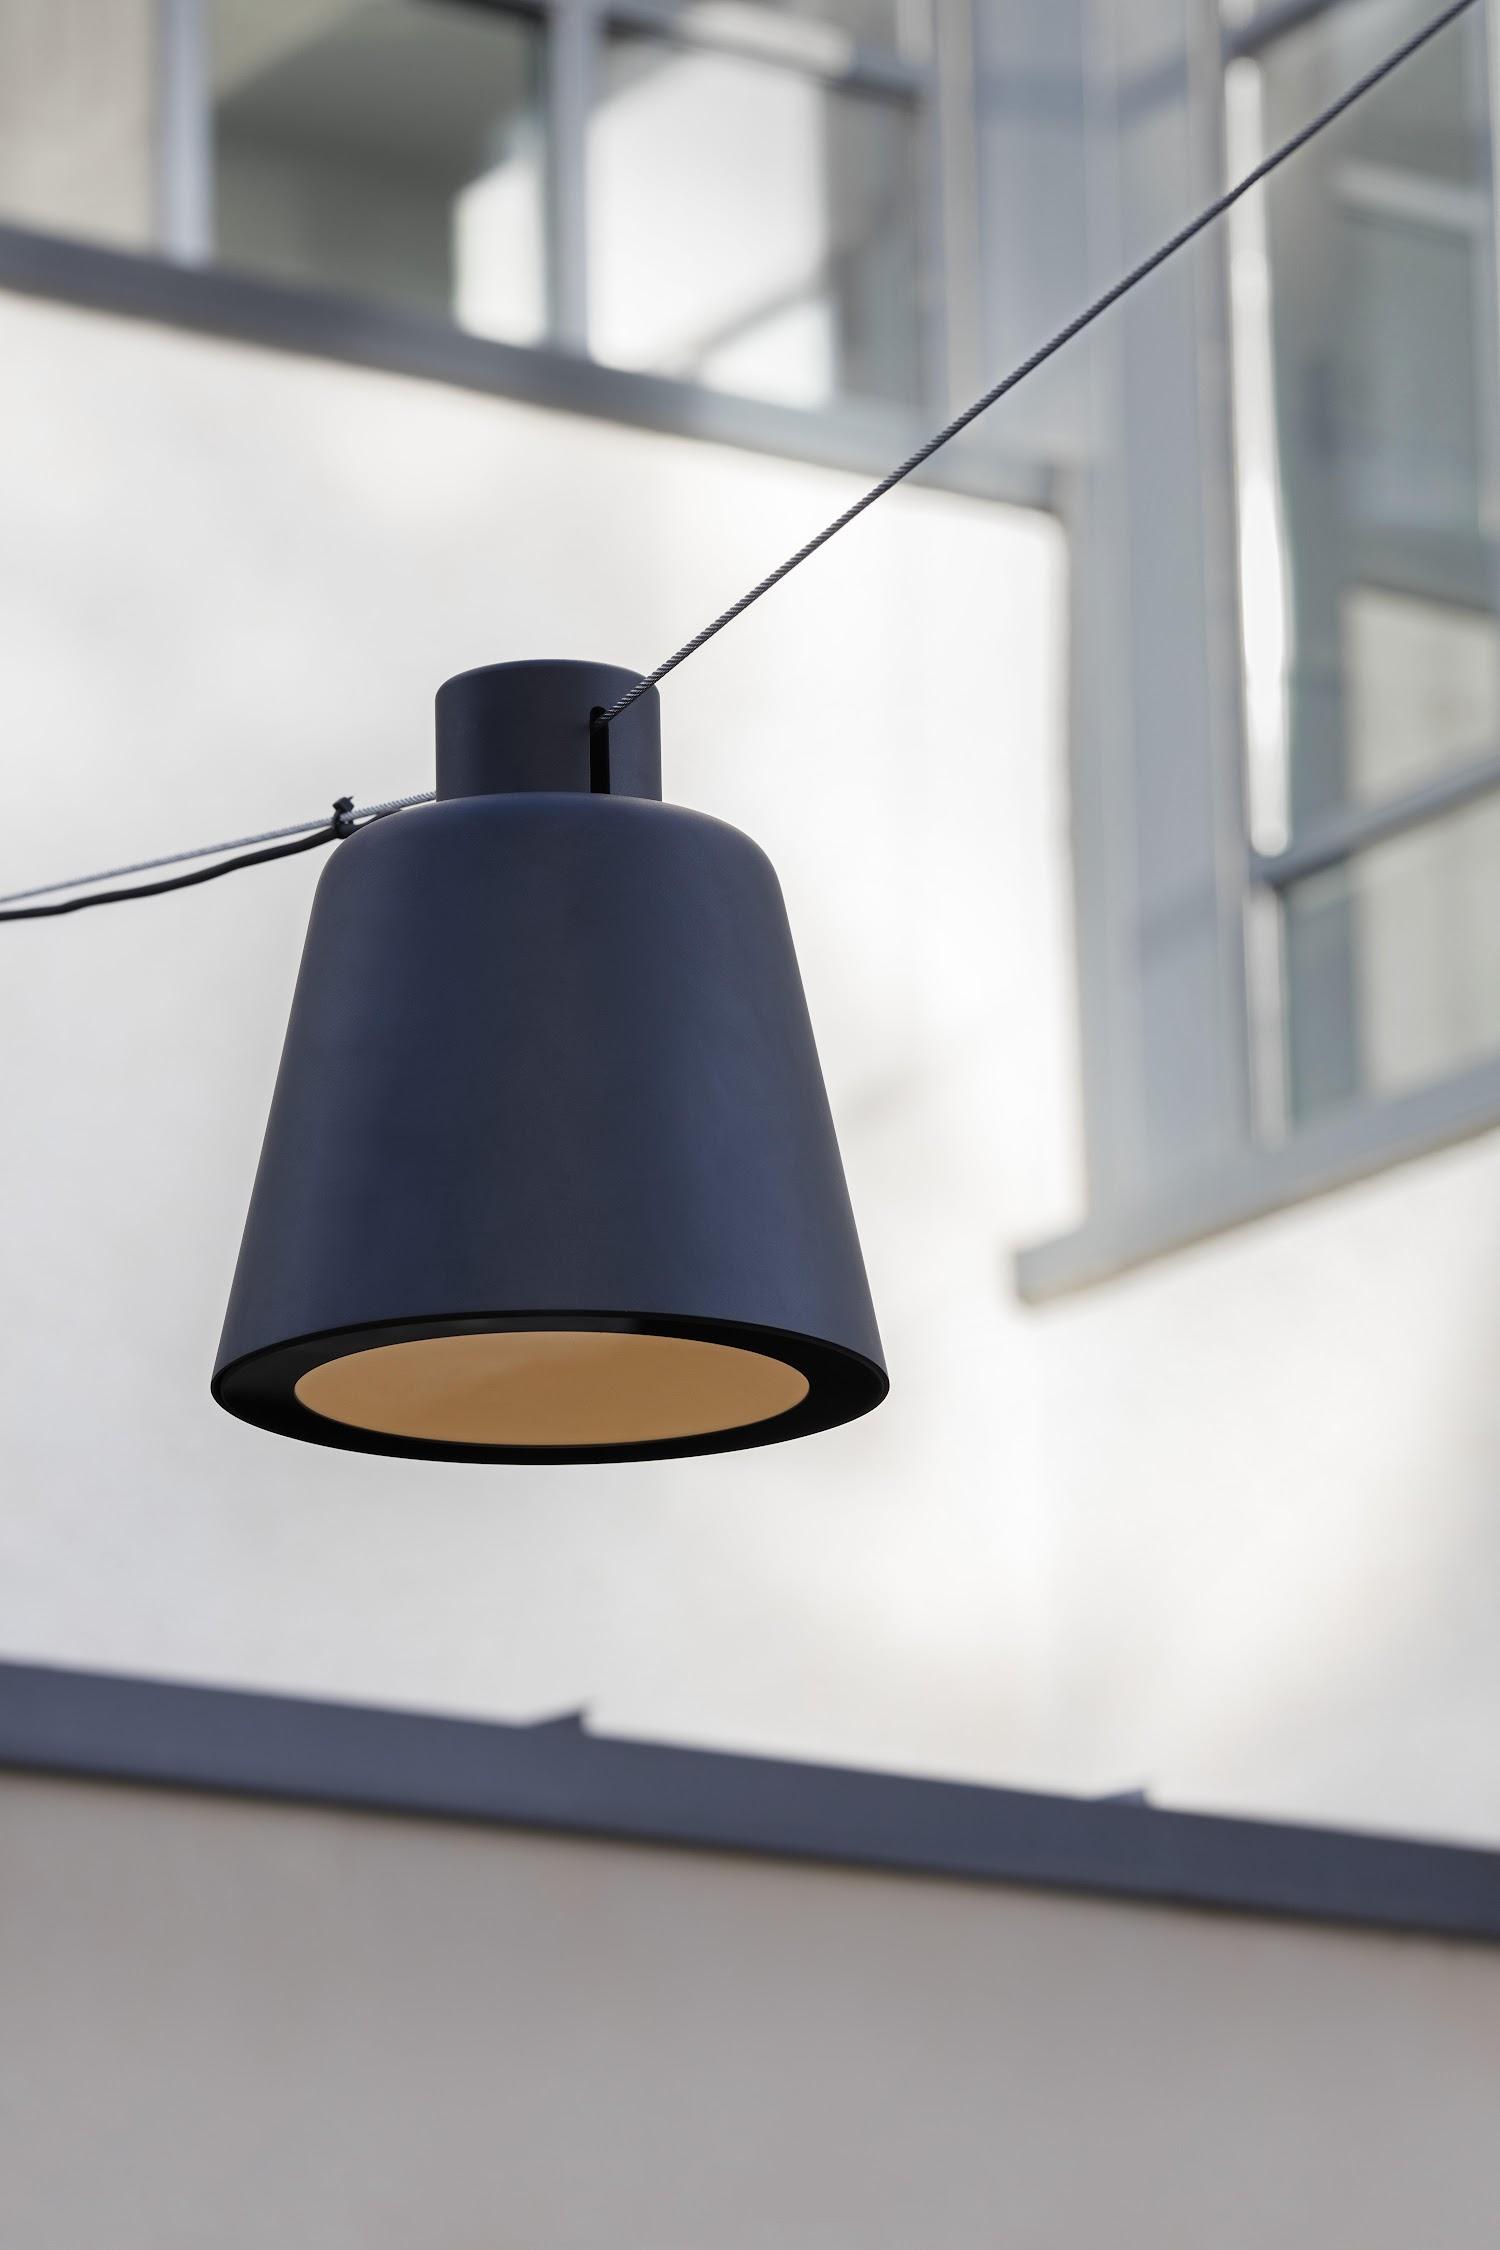 De Tumbler Catenary verlichtingsarmatuur voor hangende opstellingen in de publieke ruimte uit de collcetie van Urbidermis by Santa & Cole naar een ontwerp van Industrial Facility